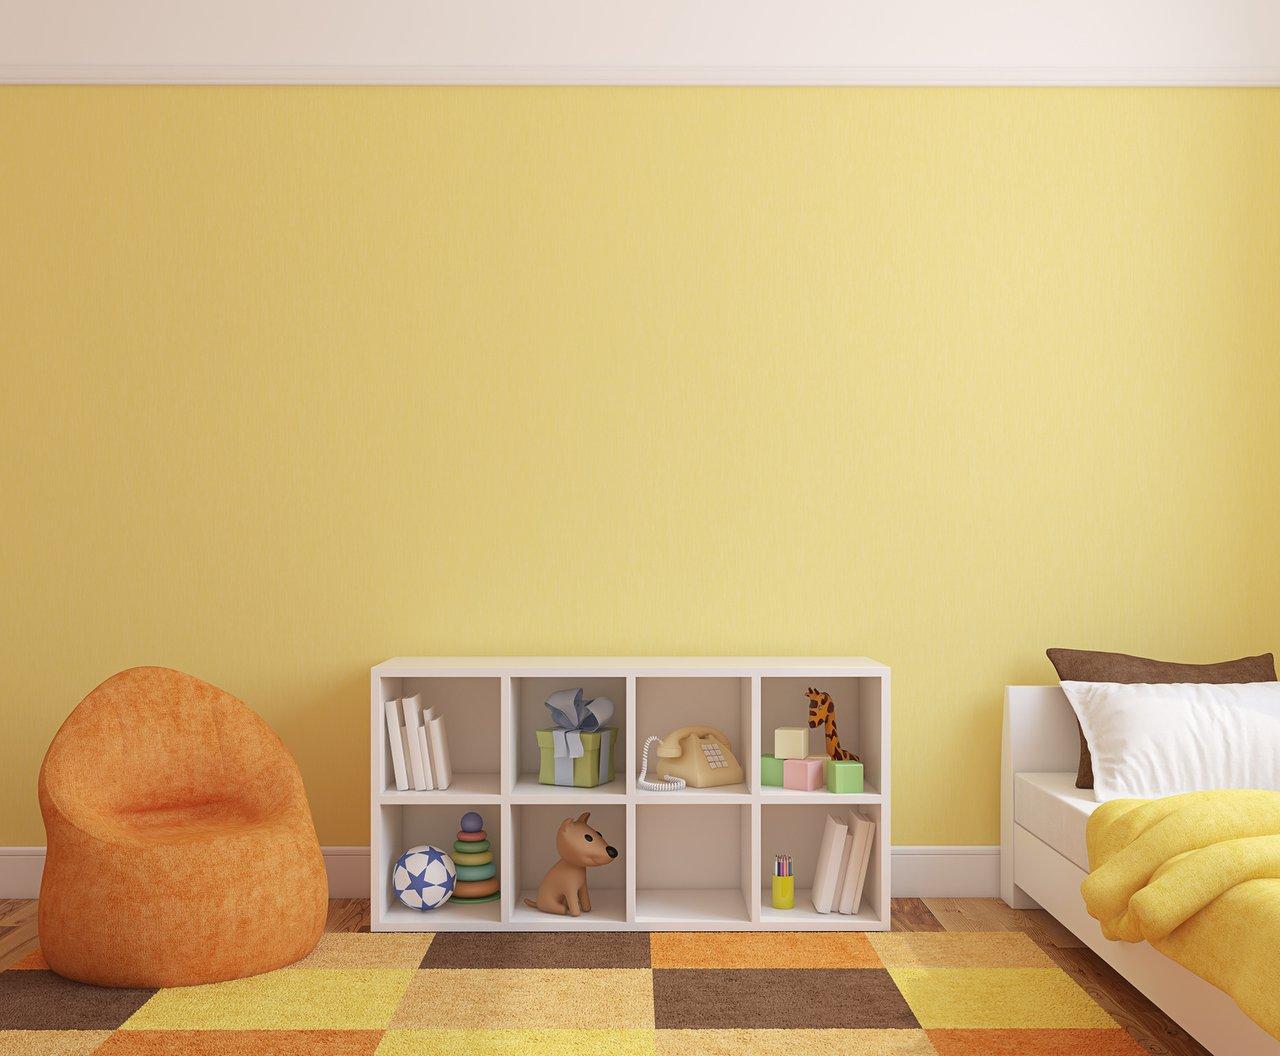 Full Size of Teppichboden Kinderzimmer Teppichbden Fr Ein Behaglich Kuscheliges Wohngefhl Regale Regal Sofa Weiß Kinderzimmer Teppichboden Kinderzimmer